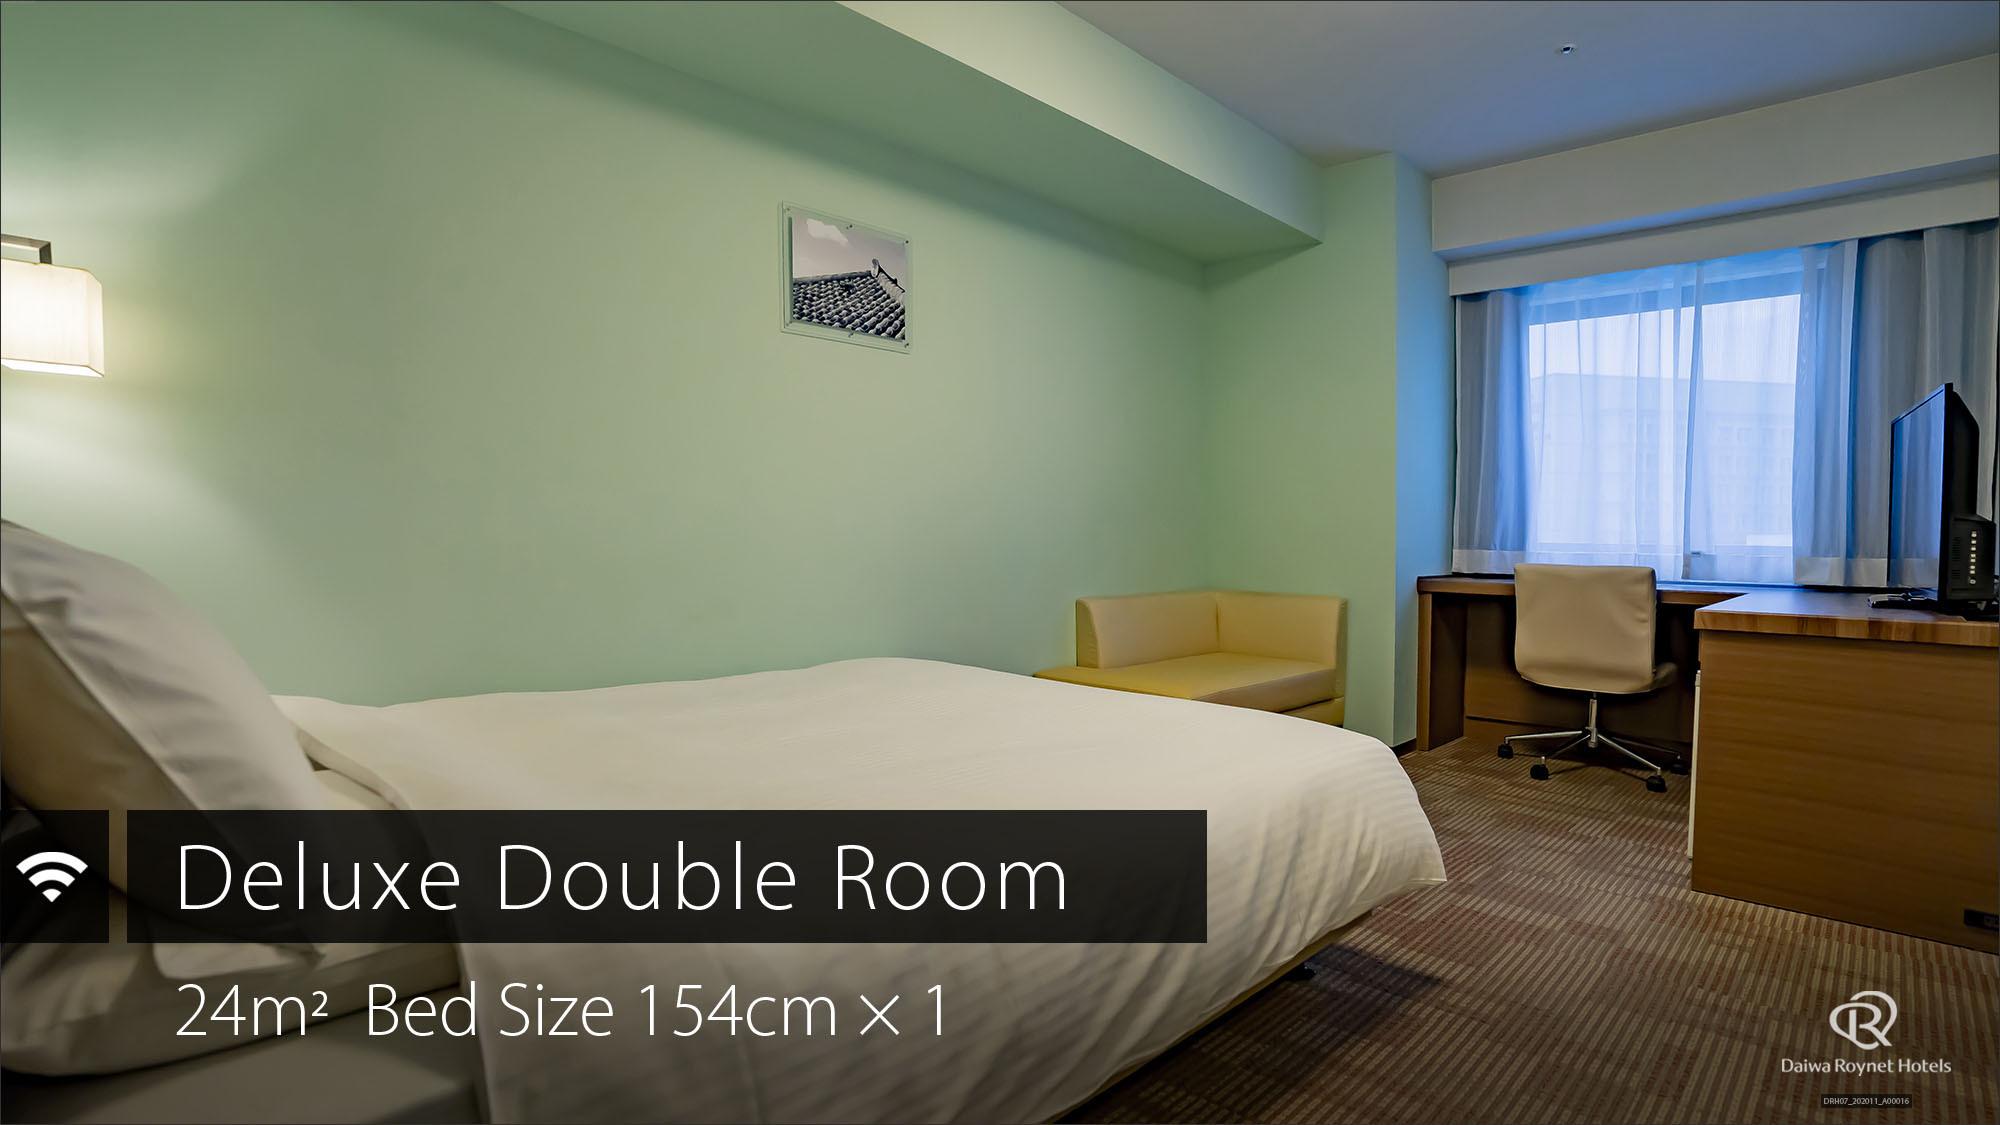 【デラックスダブルルーム】約24m2・ベッド幅154cm・全室wifi・加湿器付き空気清浄機完備